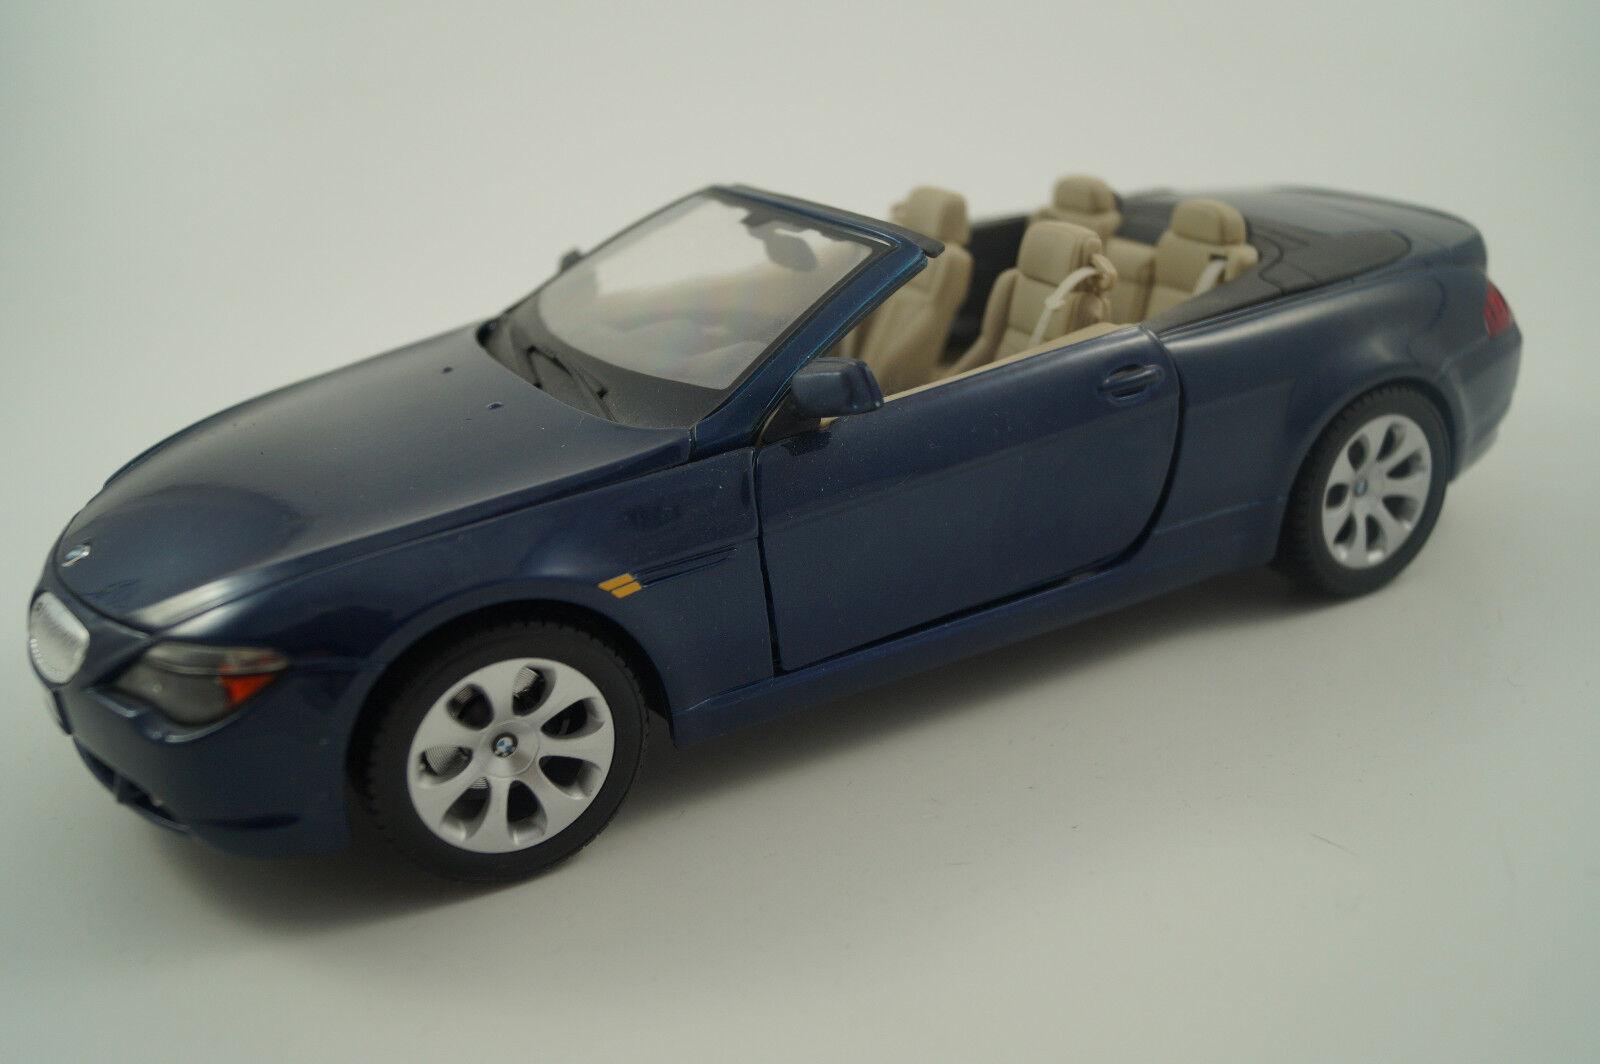 Maisto Modellauto 1 18 BMW 645 Ci  | Bekannt für seine gute Qualität